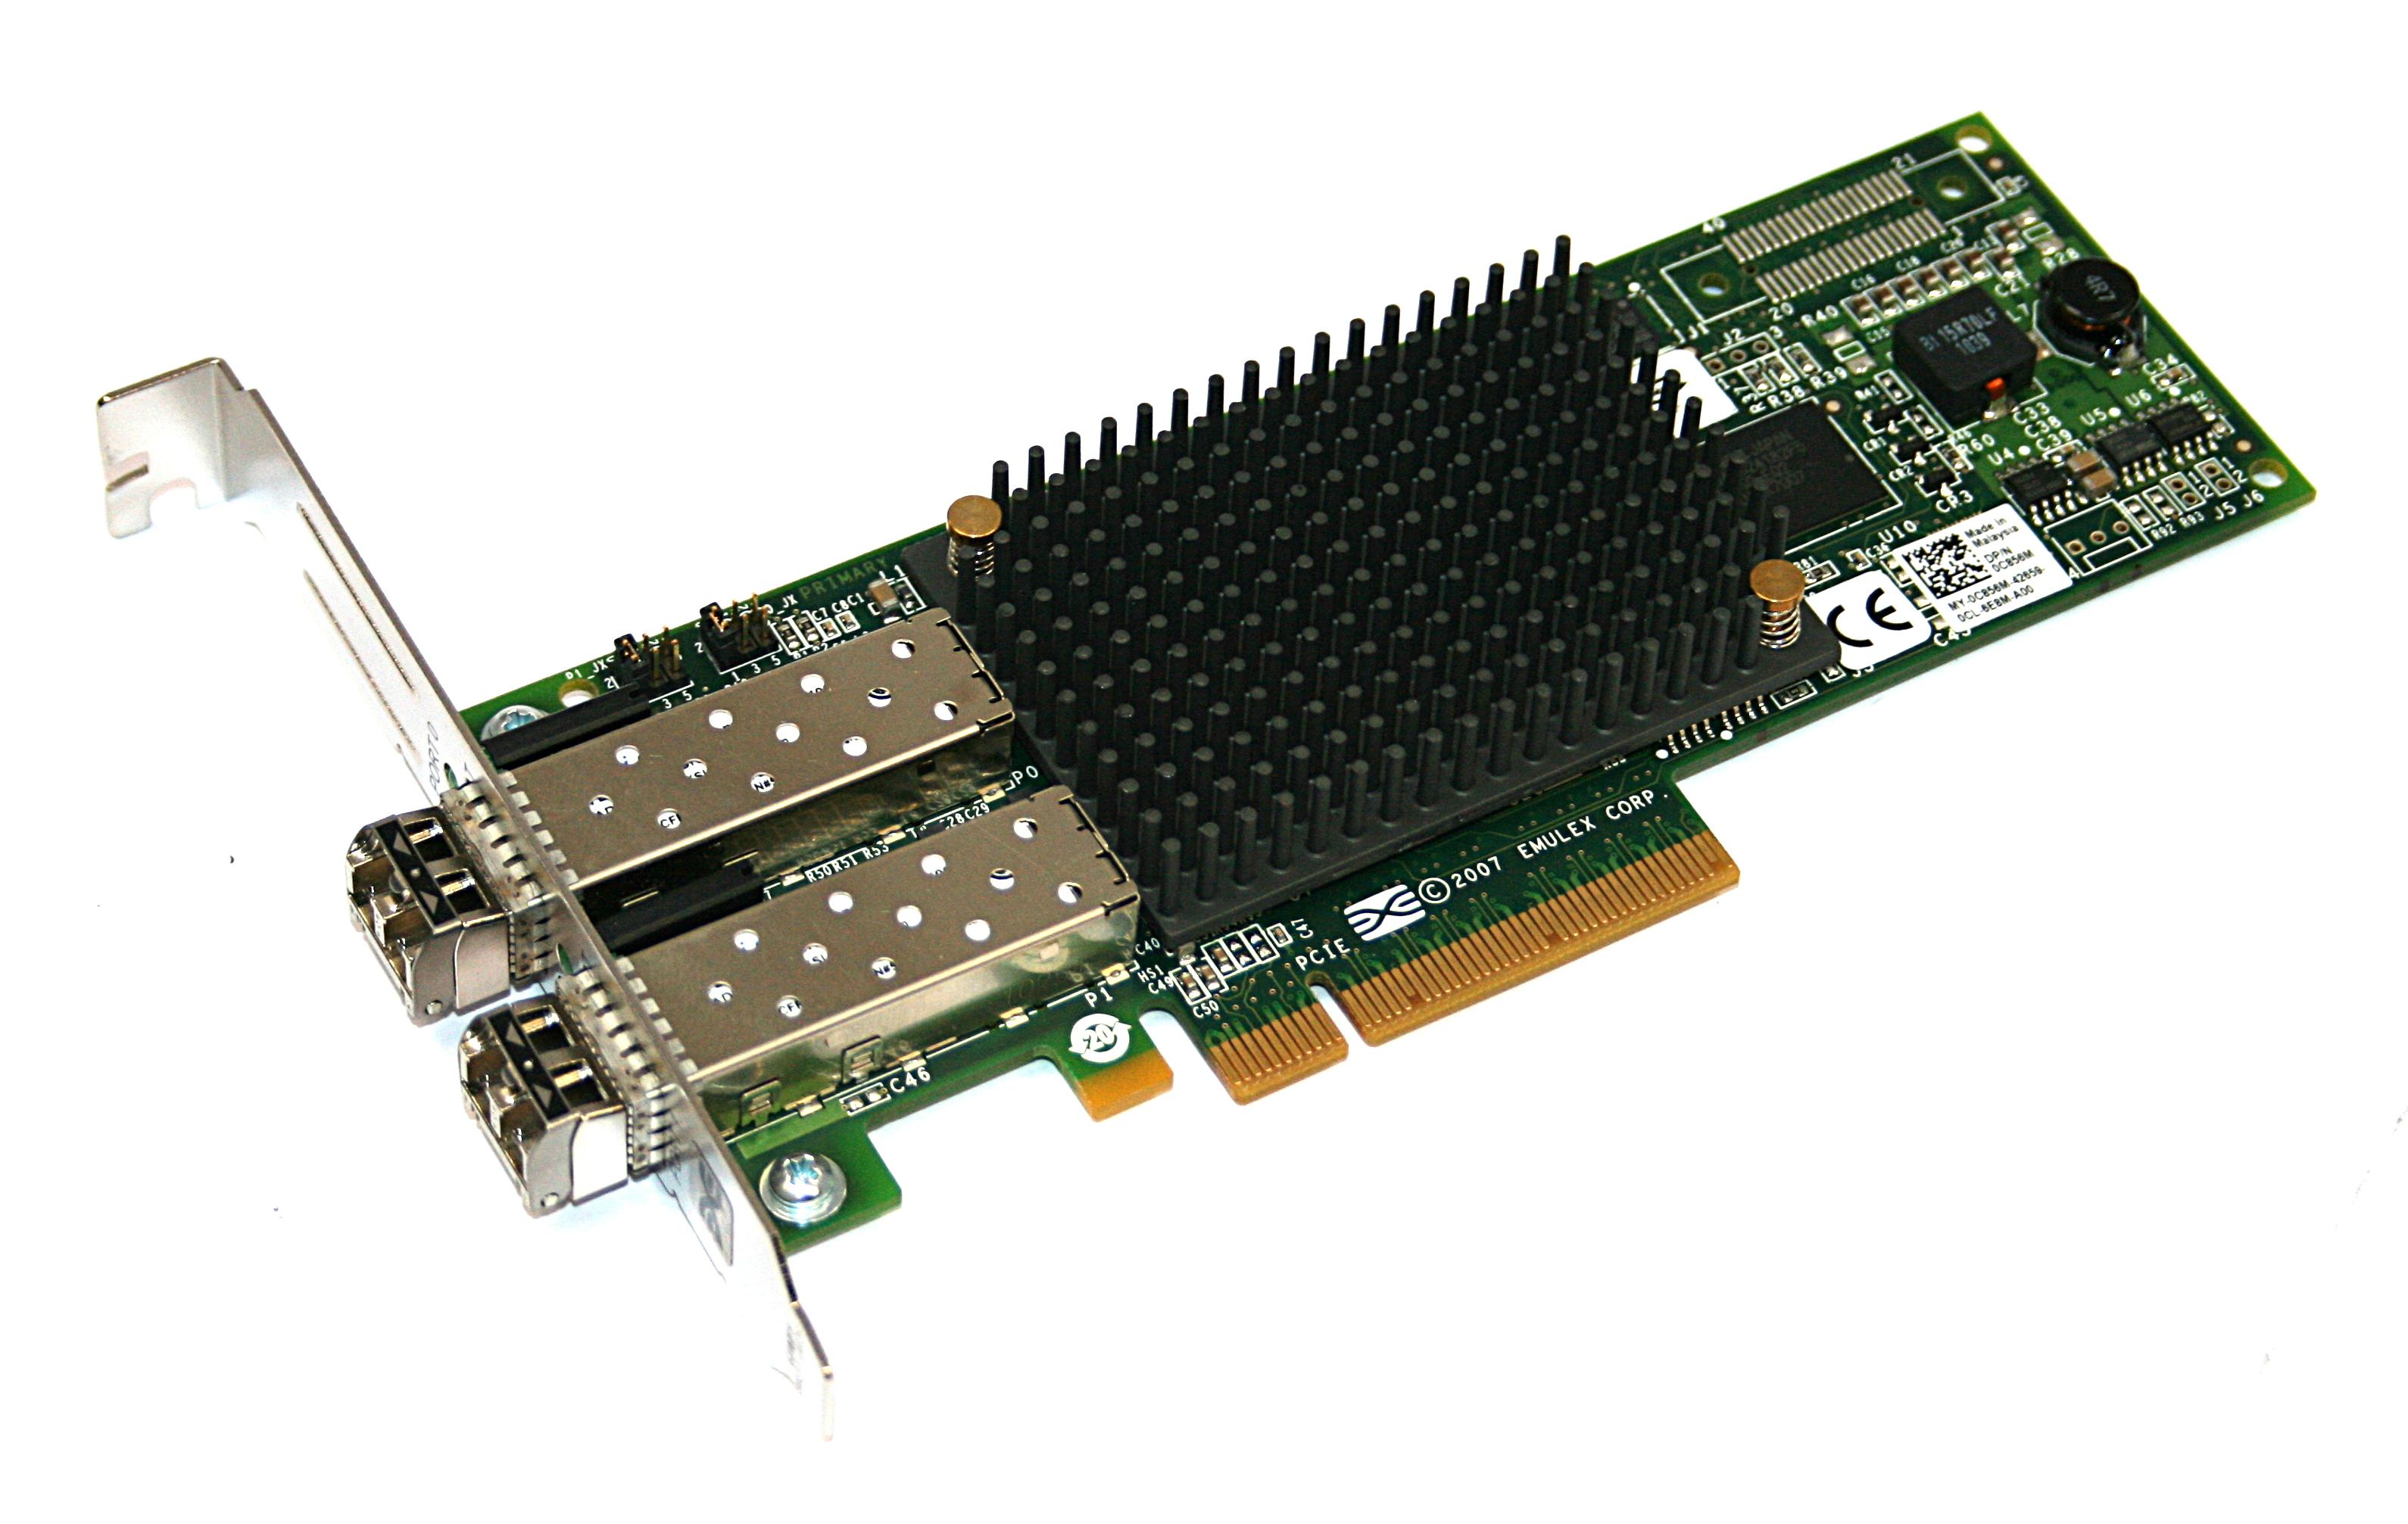 Dell C856M Emulex LPE12002 Dual Port 8Gb PCIe HBA Fibre Channel